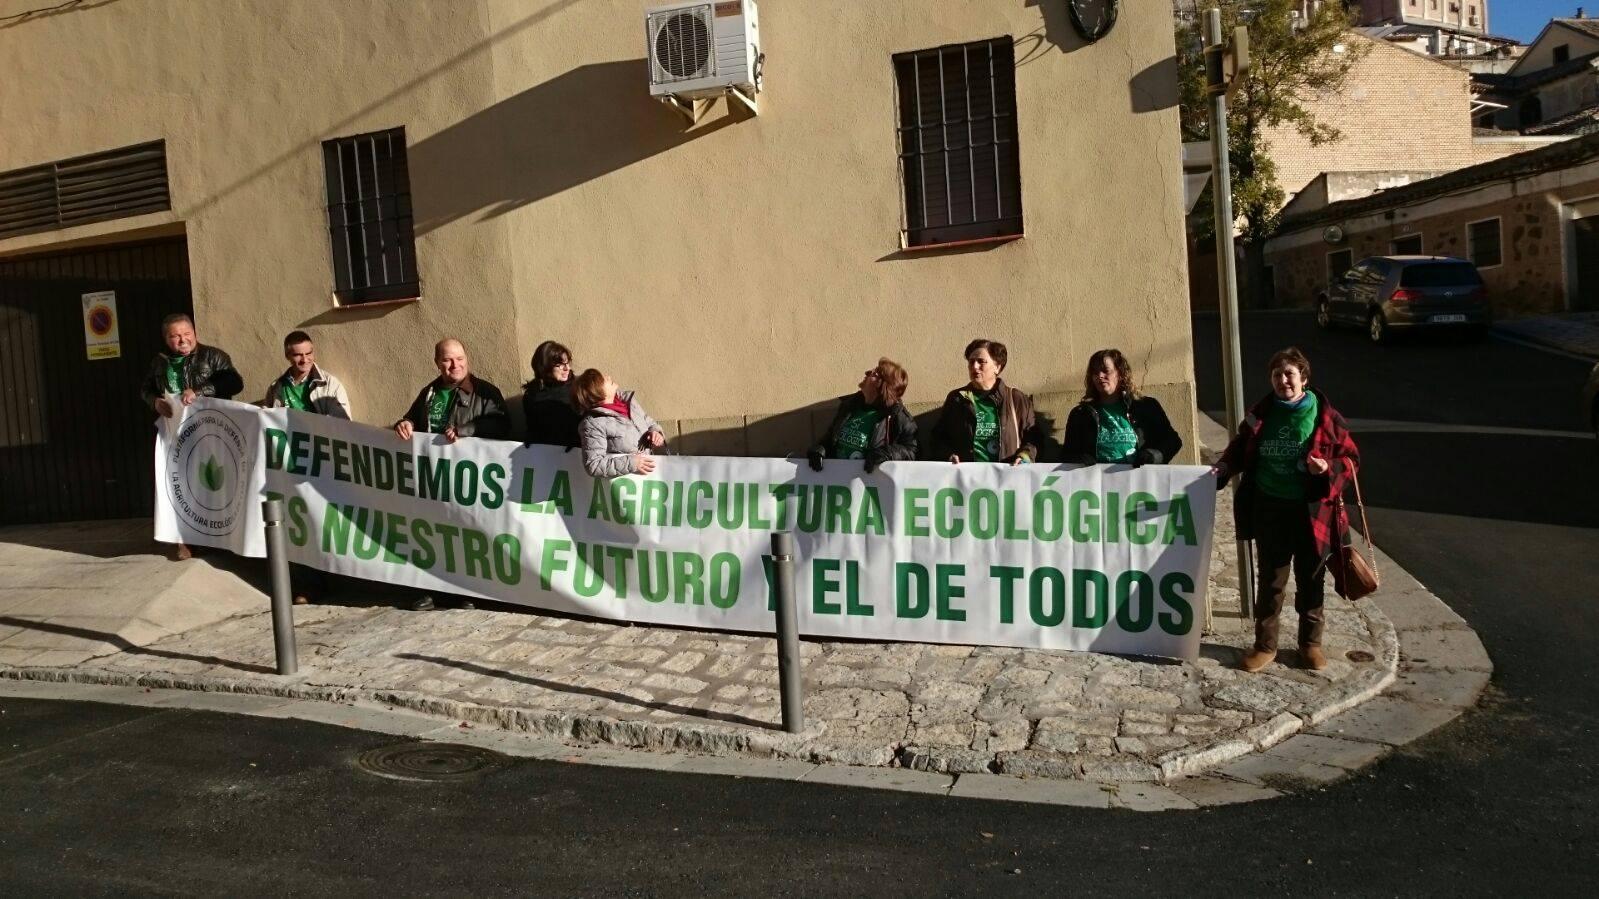 Los miembros de la Plataforma de la Agricultura Ecológica manifestándose en las Cortes. agricultores ecológicos